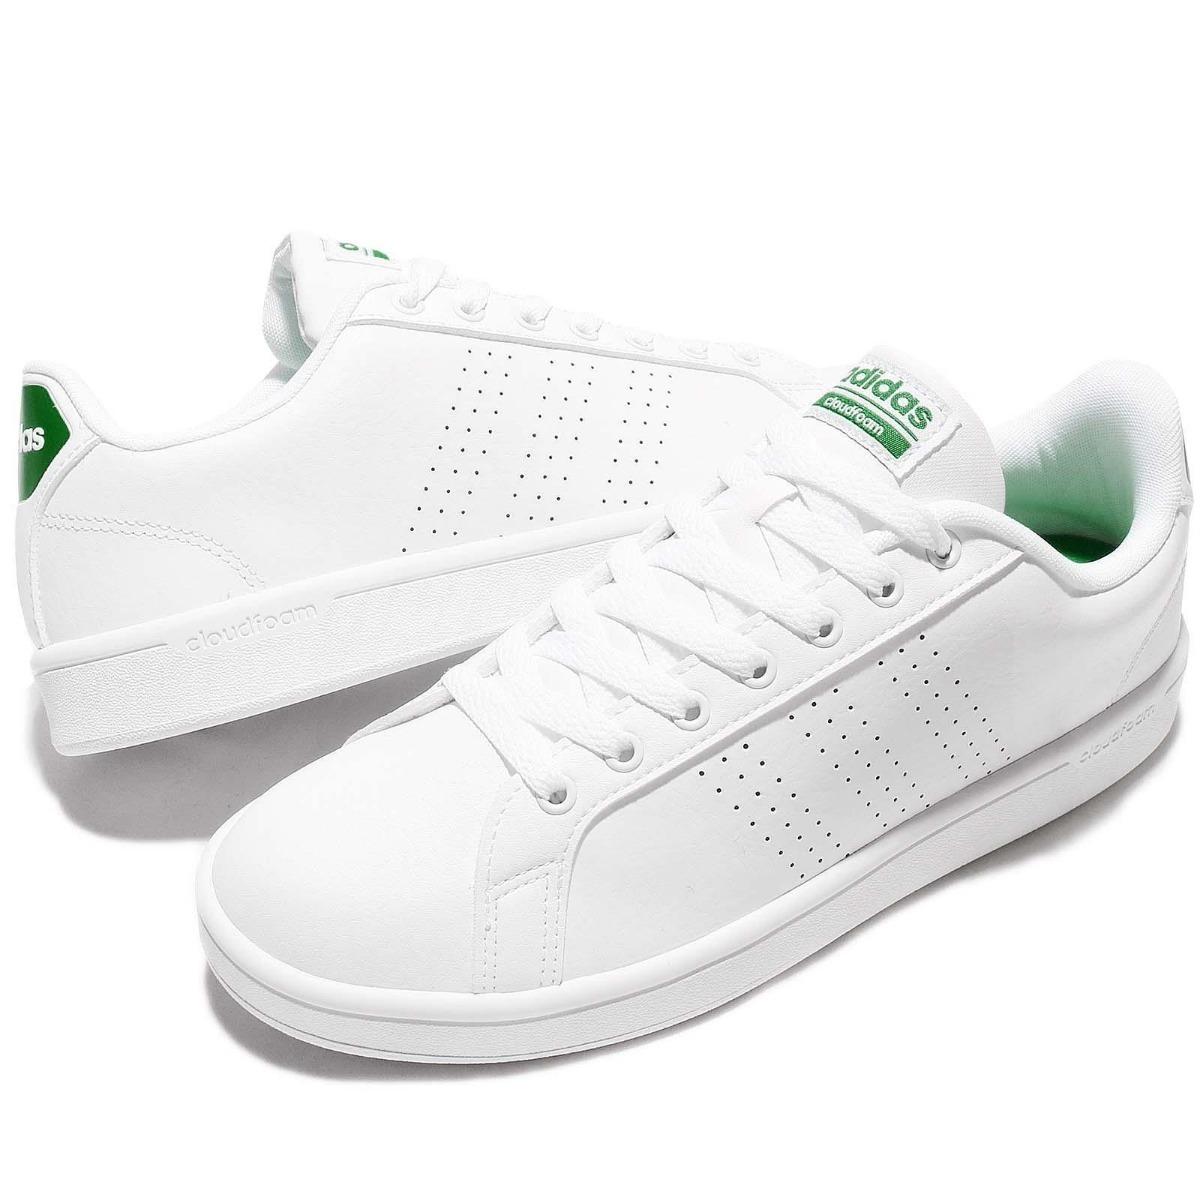 fc057d218d3 Tenis adidas Cloudfoam Advantage Clean Blancos Casuales Orig ...